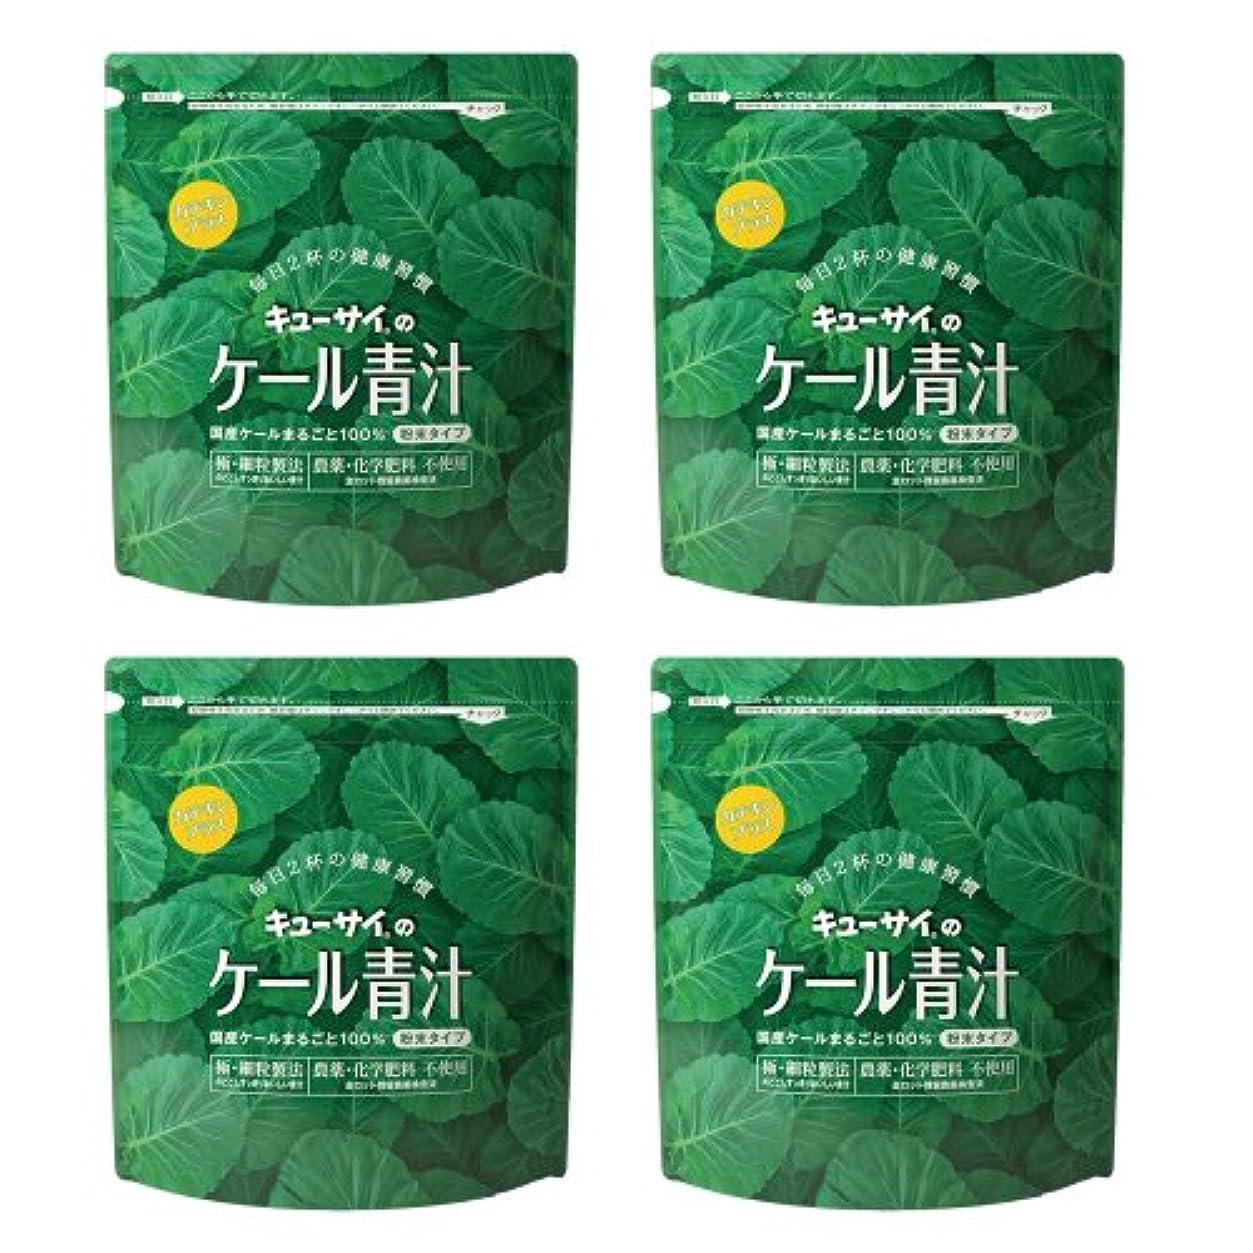 パウダー伸ばすれるキューサイ青汁カテキンプラス420g(粉末タイプ)4袋まとめ買い【1袋420g(約1カ月分)】